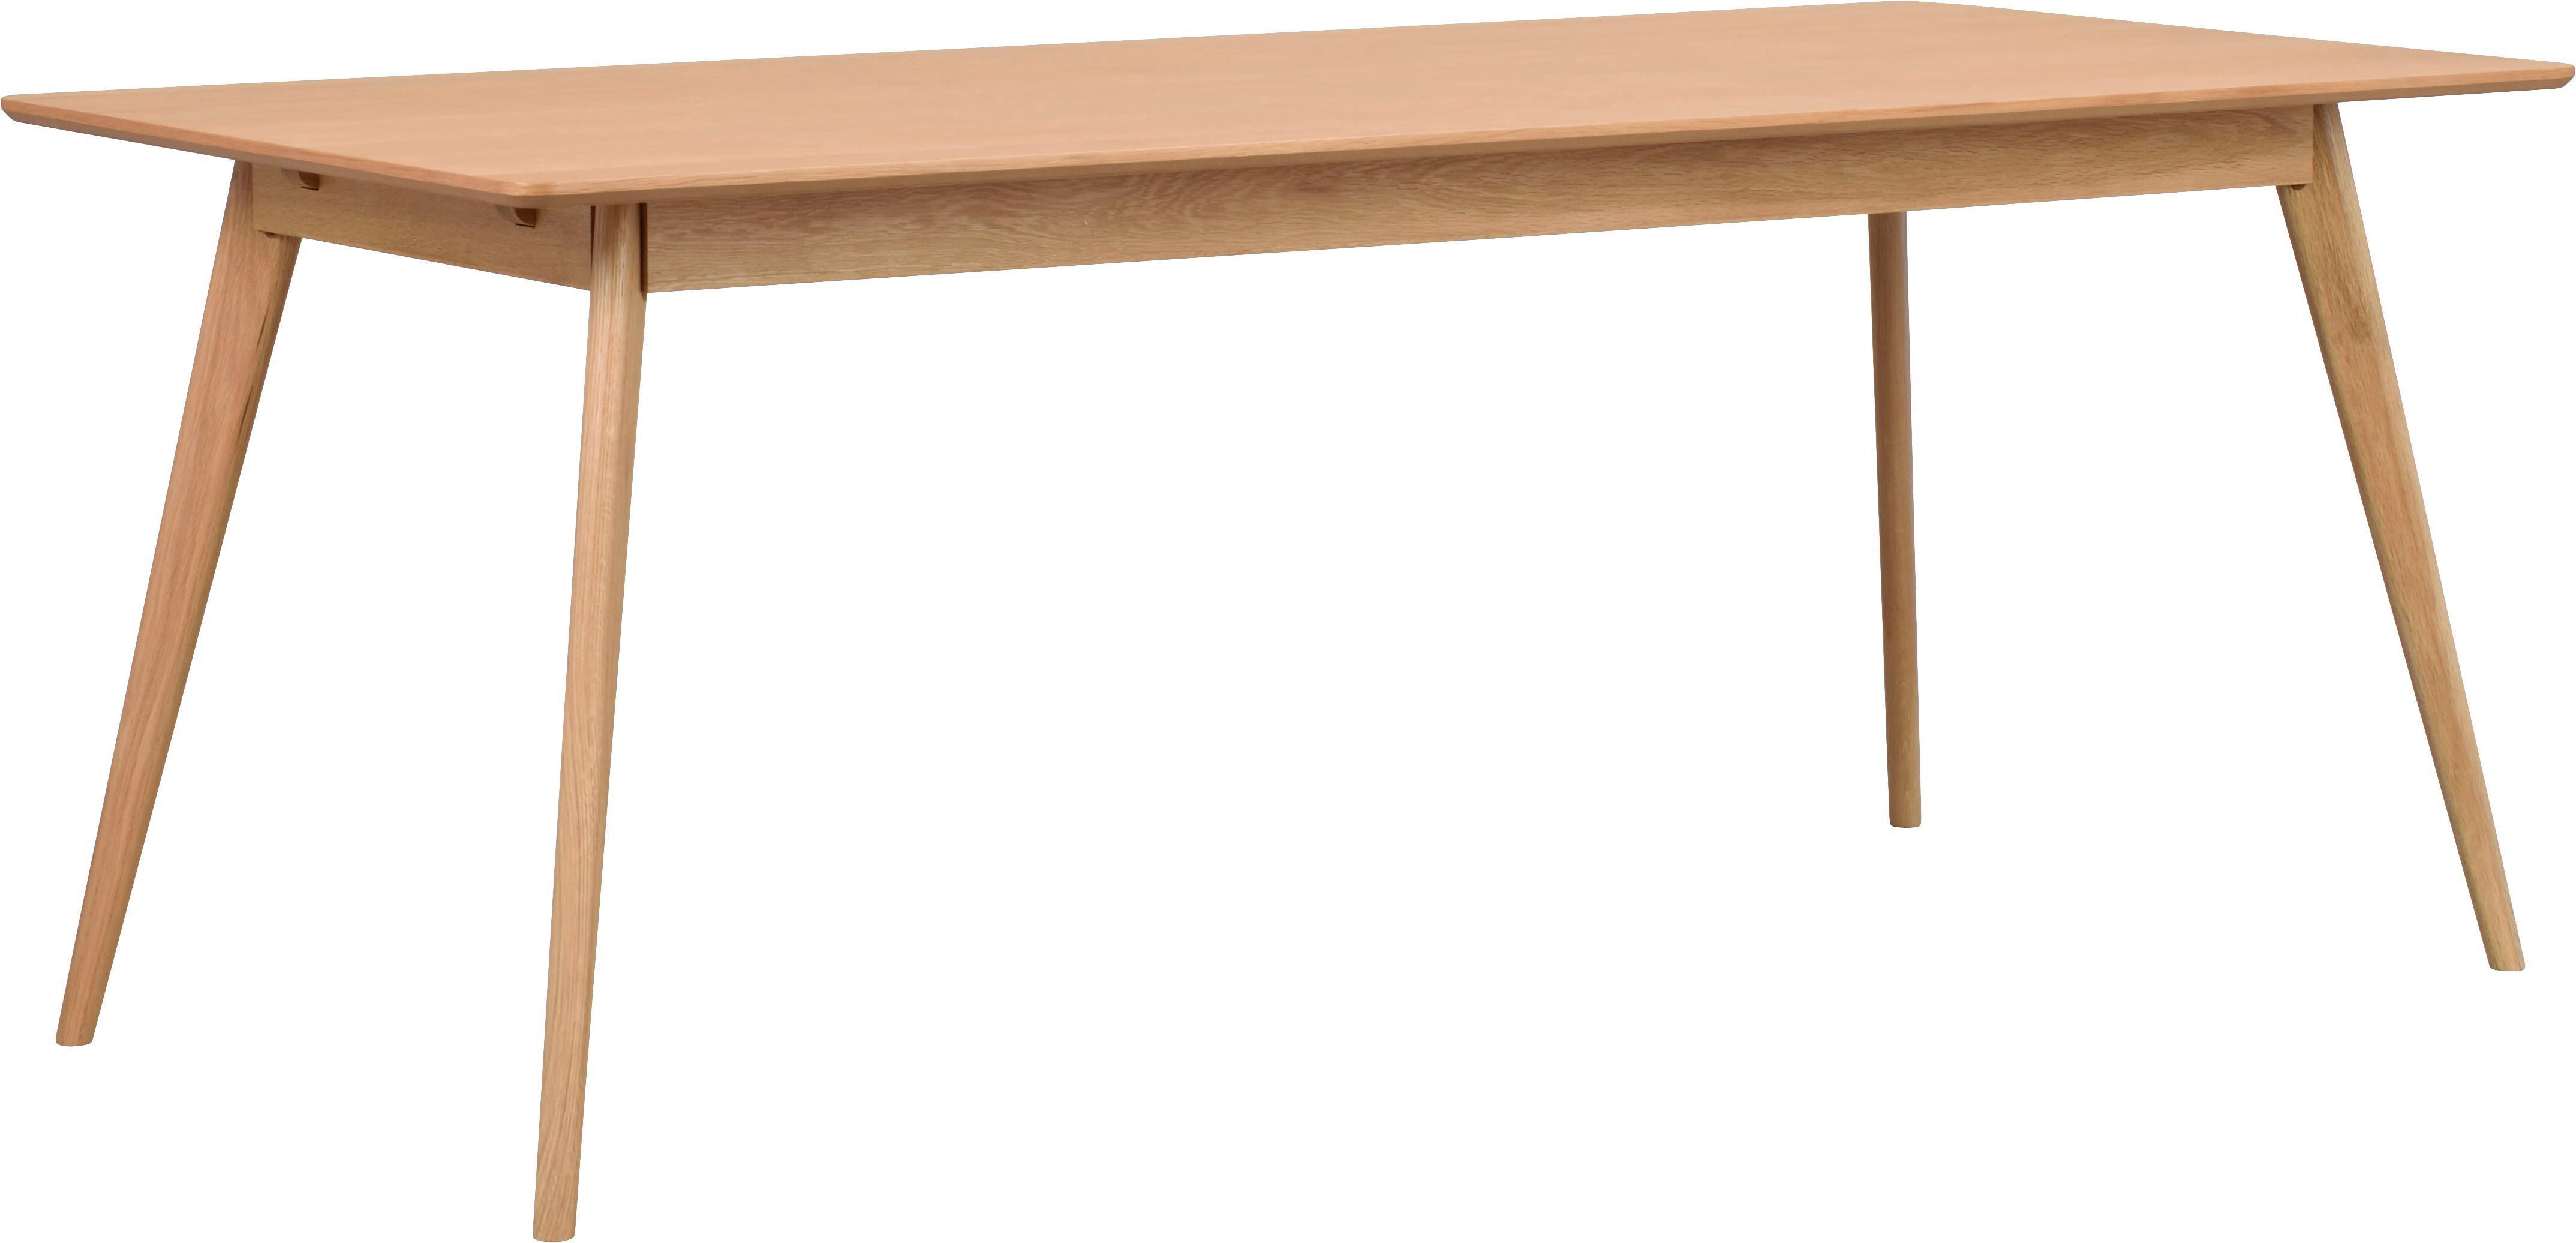 Holz-Esstisch Yumi mit Eichenholzfurnier, Tischplatte: Mitteldichte Holzfaserpla, Beine: Gummibaumholz, massiv, ge, Eichenholz, B 190 x T 90 cm